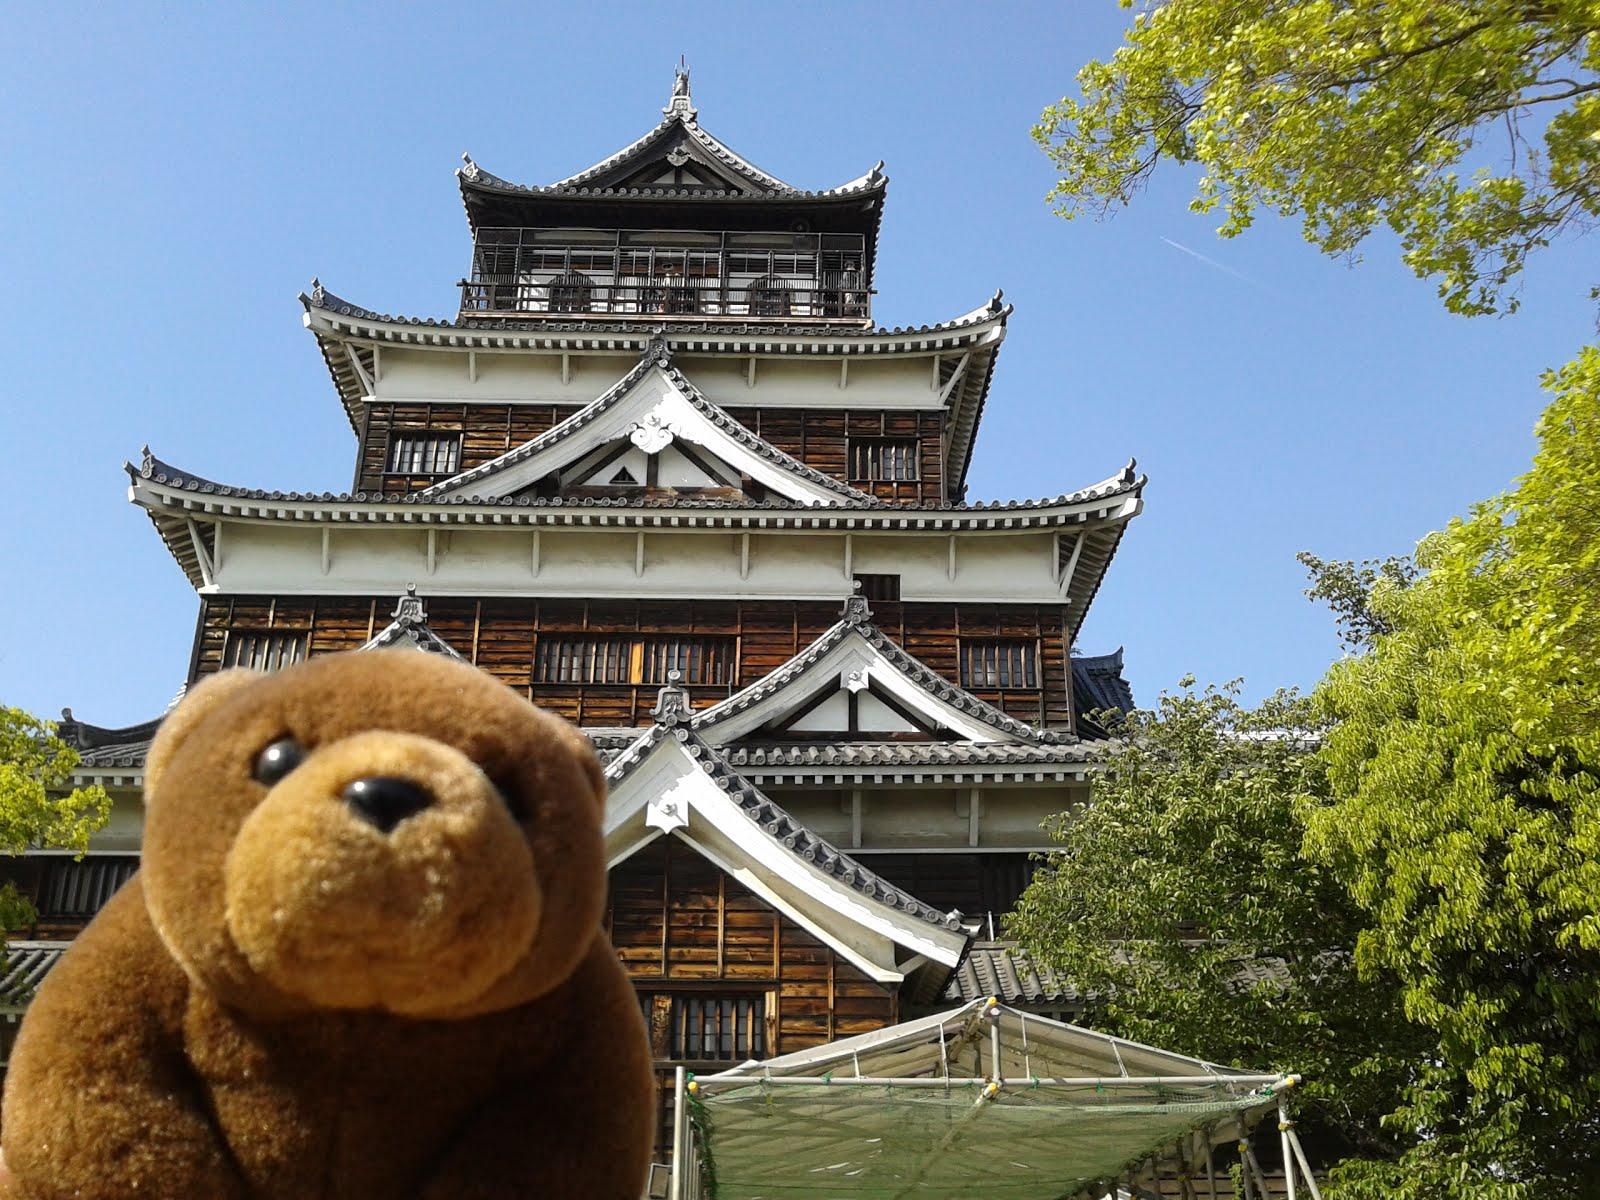 Teddy in Hiroshima Castle, Hiroshima